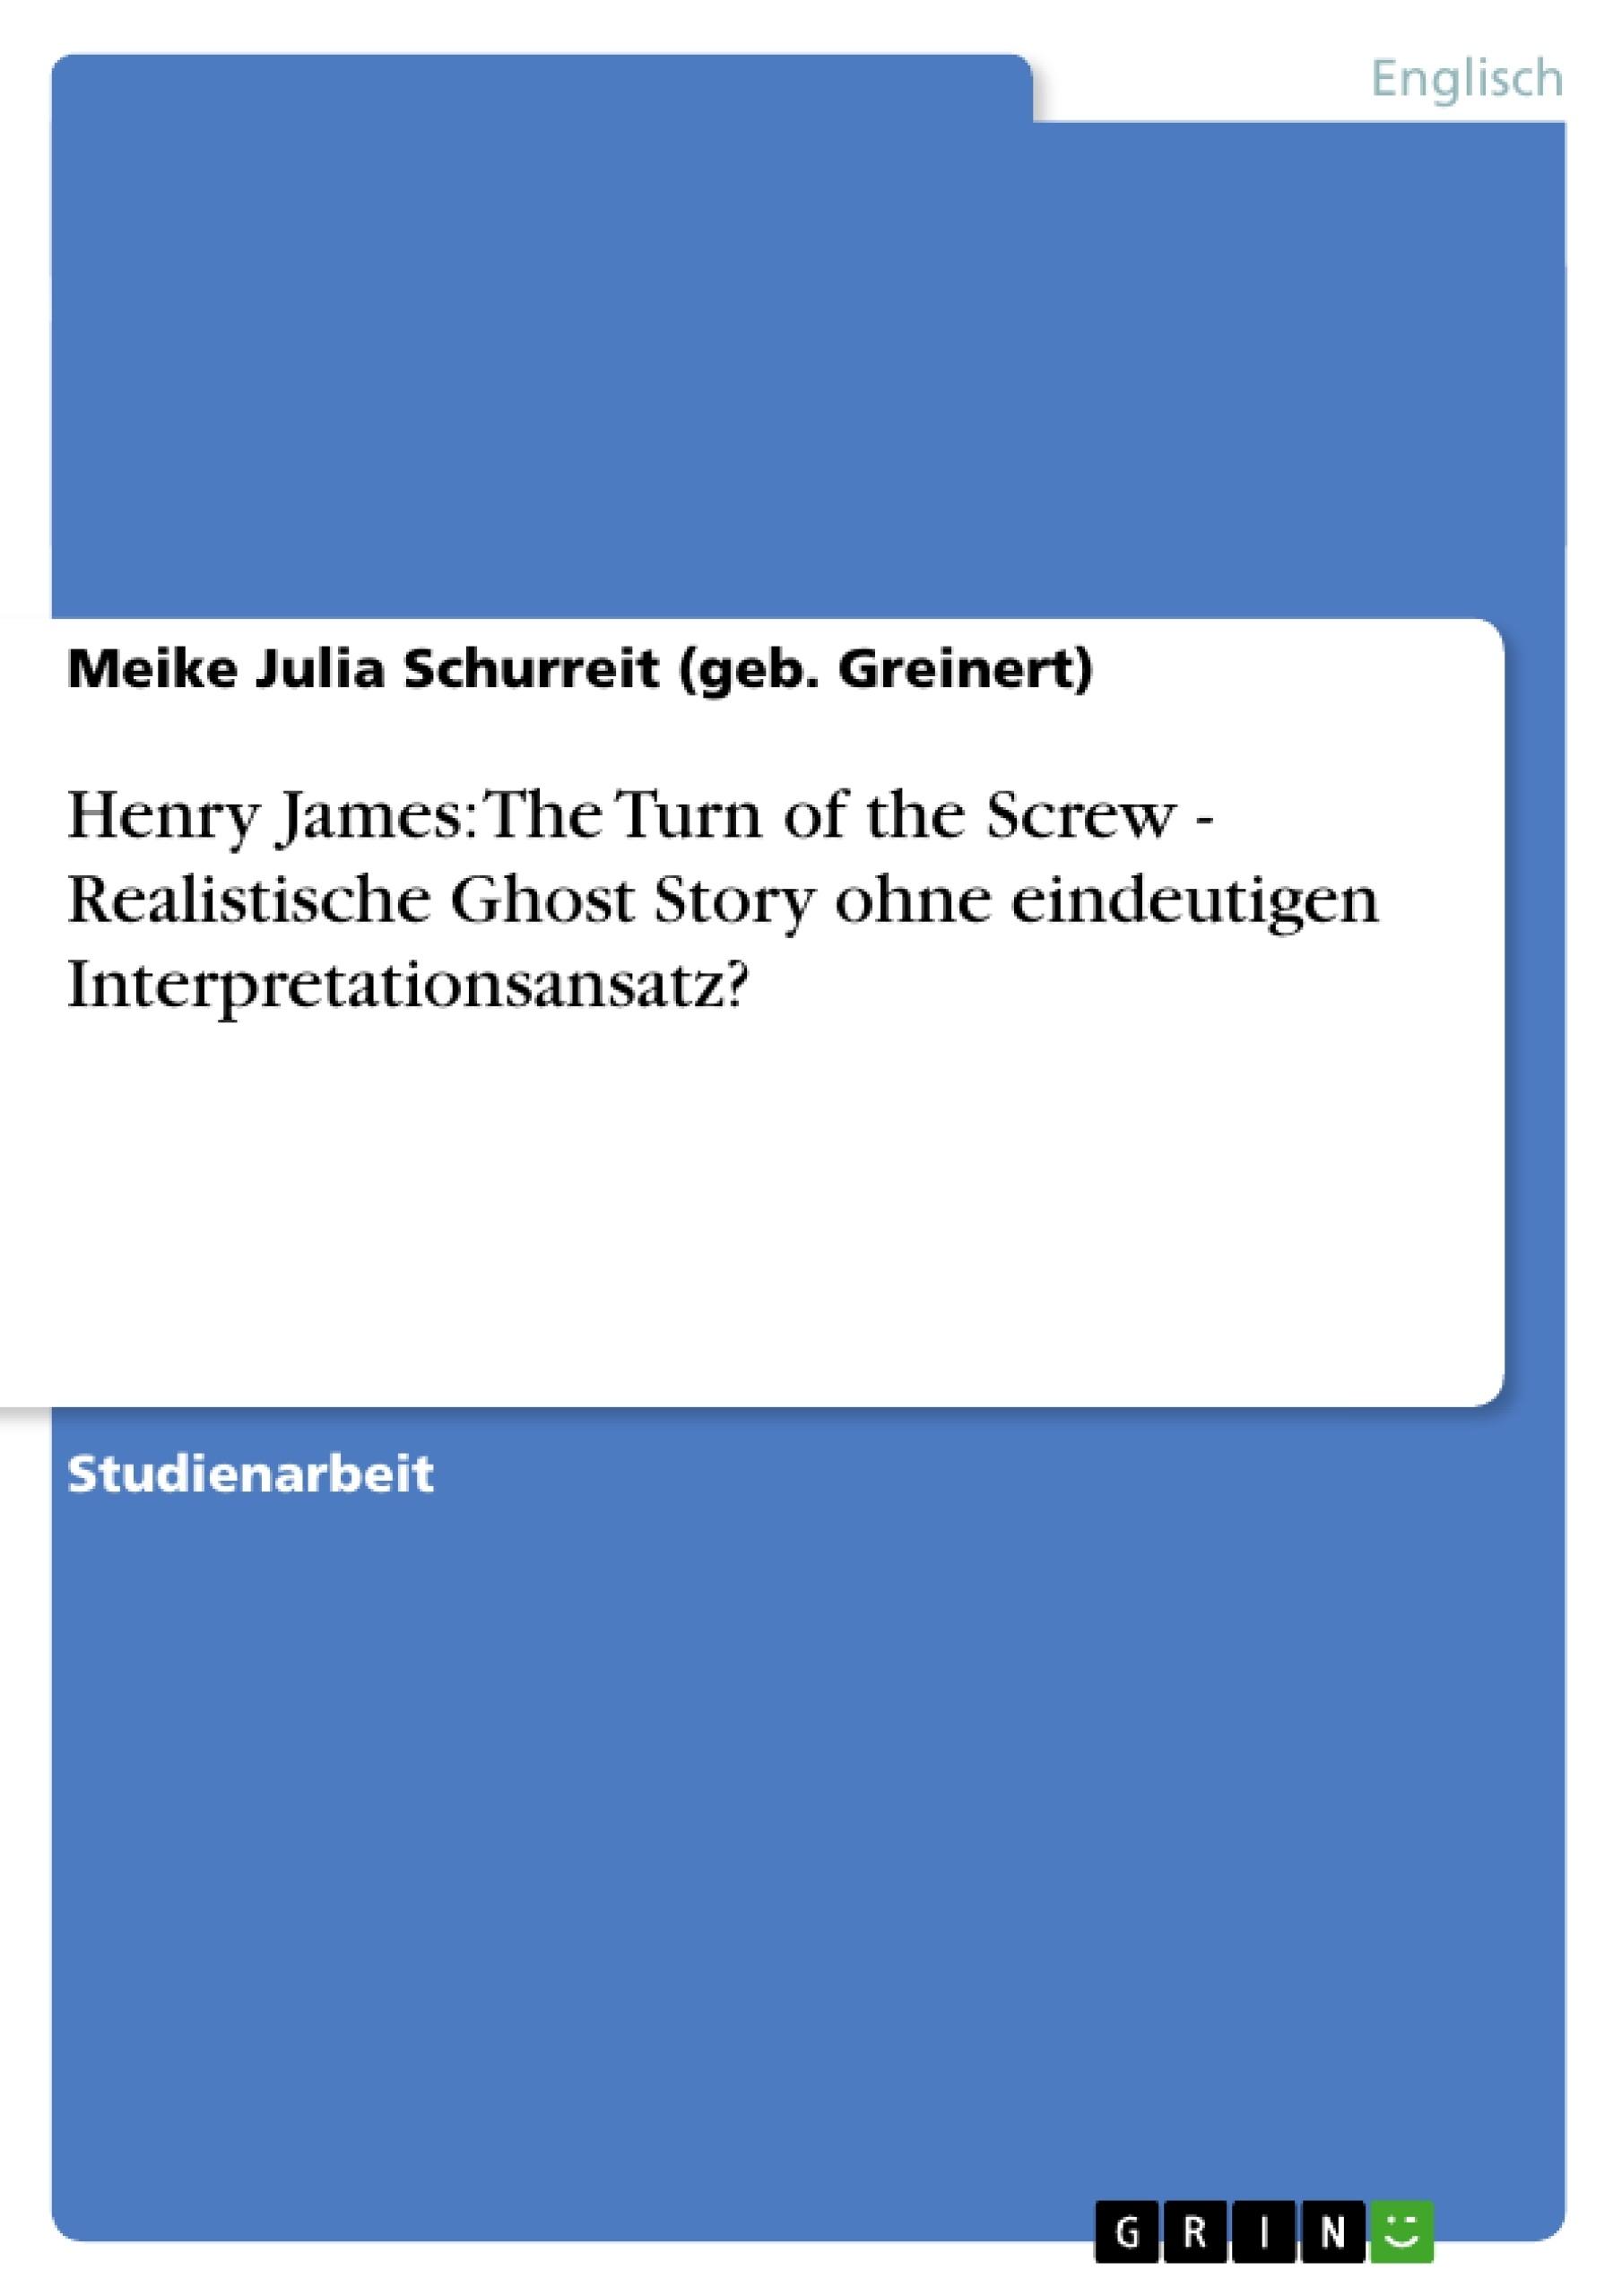 Titel: Henry James: The Turn of the Screw - Realistische Ghost Story ohne eindeutigen Interpretationsansatz?